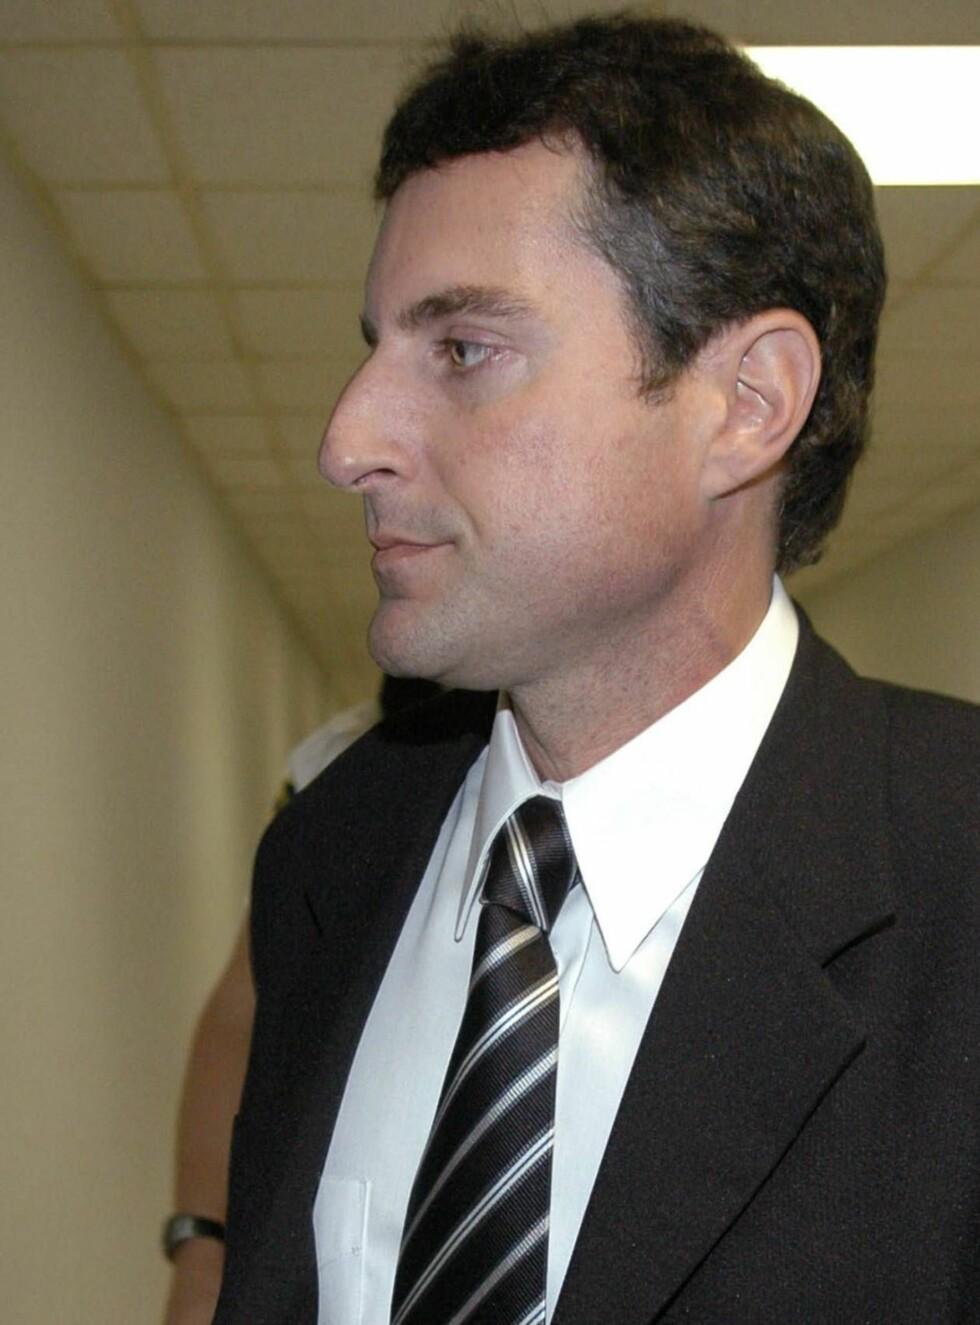 PAPPA?: Anna Nicoles kjære Howard K. Stern under rettsaken som skal avgjøre hvem som kan kreve Smiths kropp. Foto: All Over Press